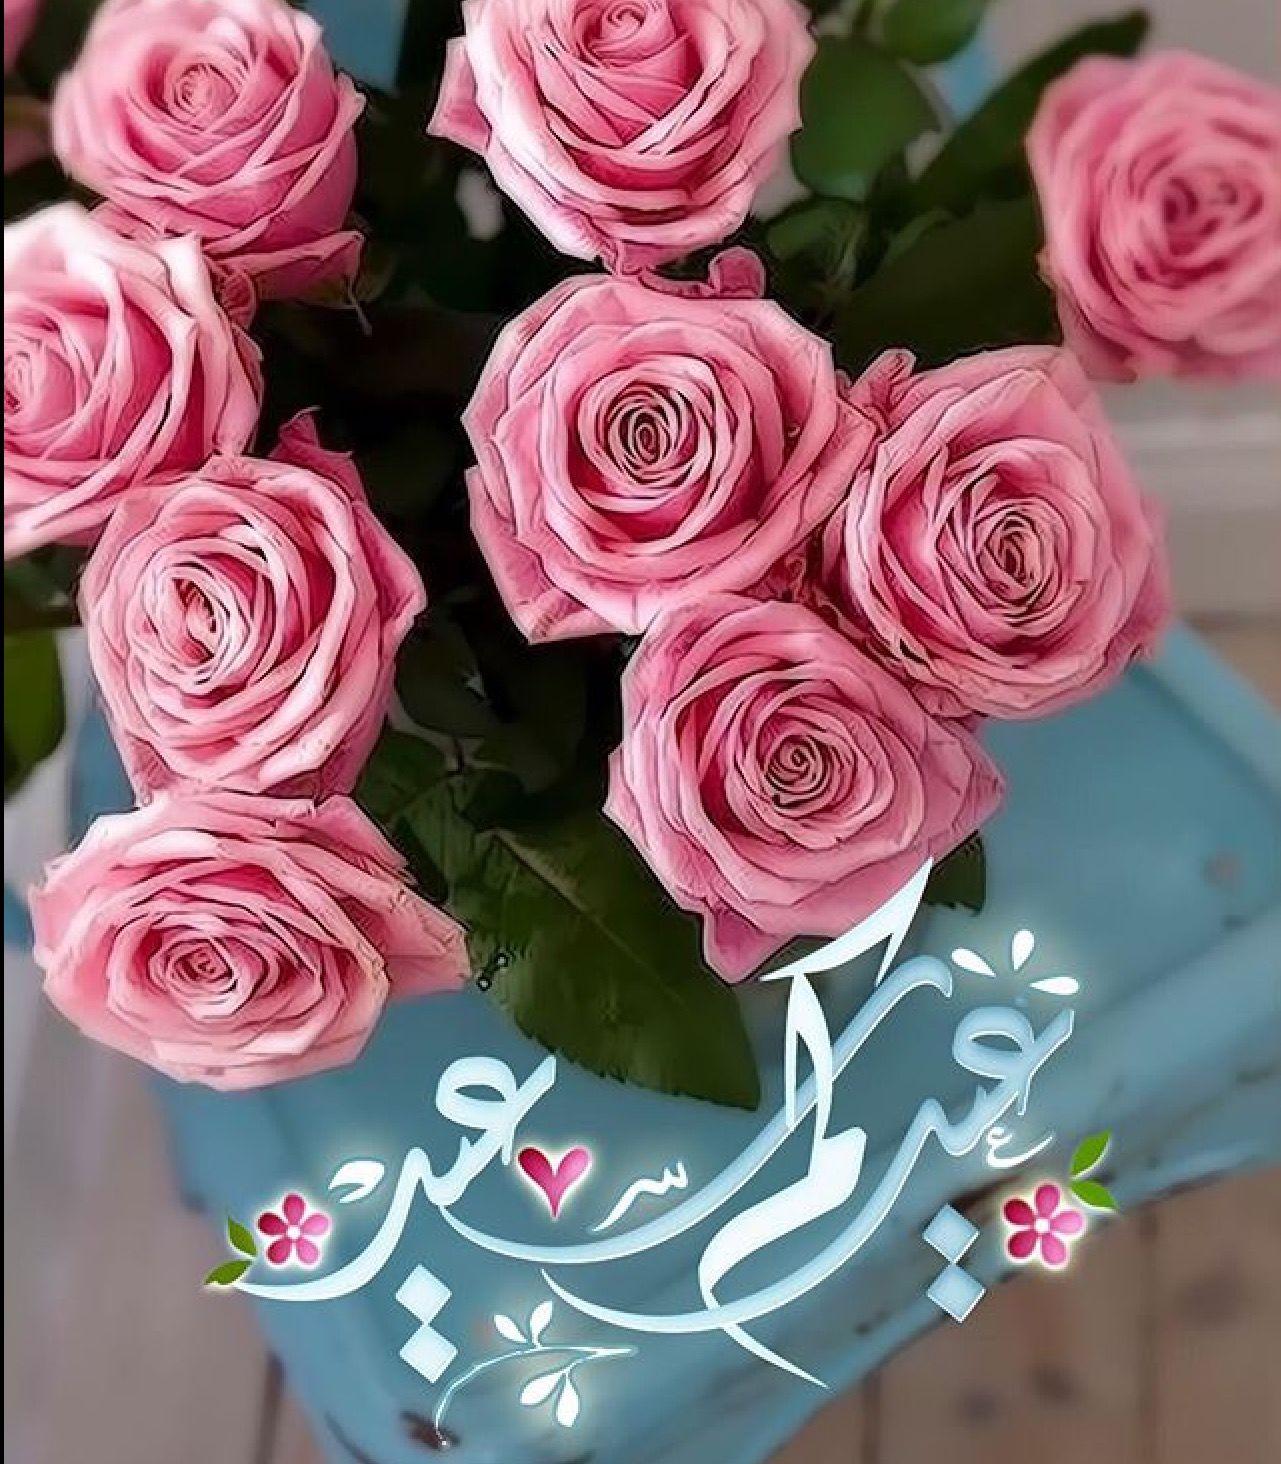 Pin By Nehal On رمضان كريم Eid Greetings Happy Eid Eid Mubarik